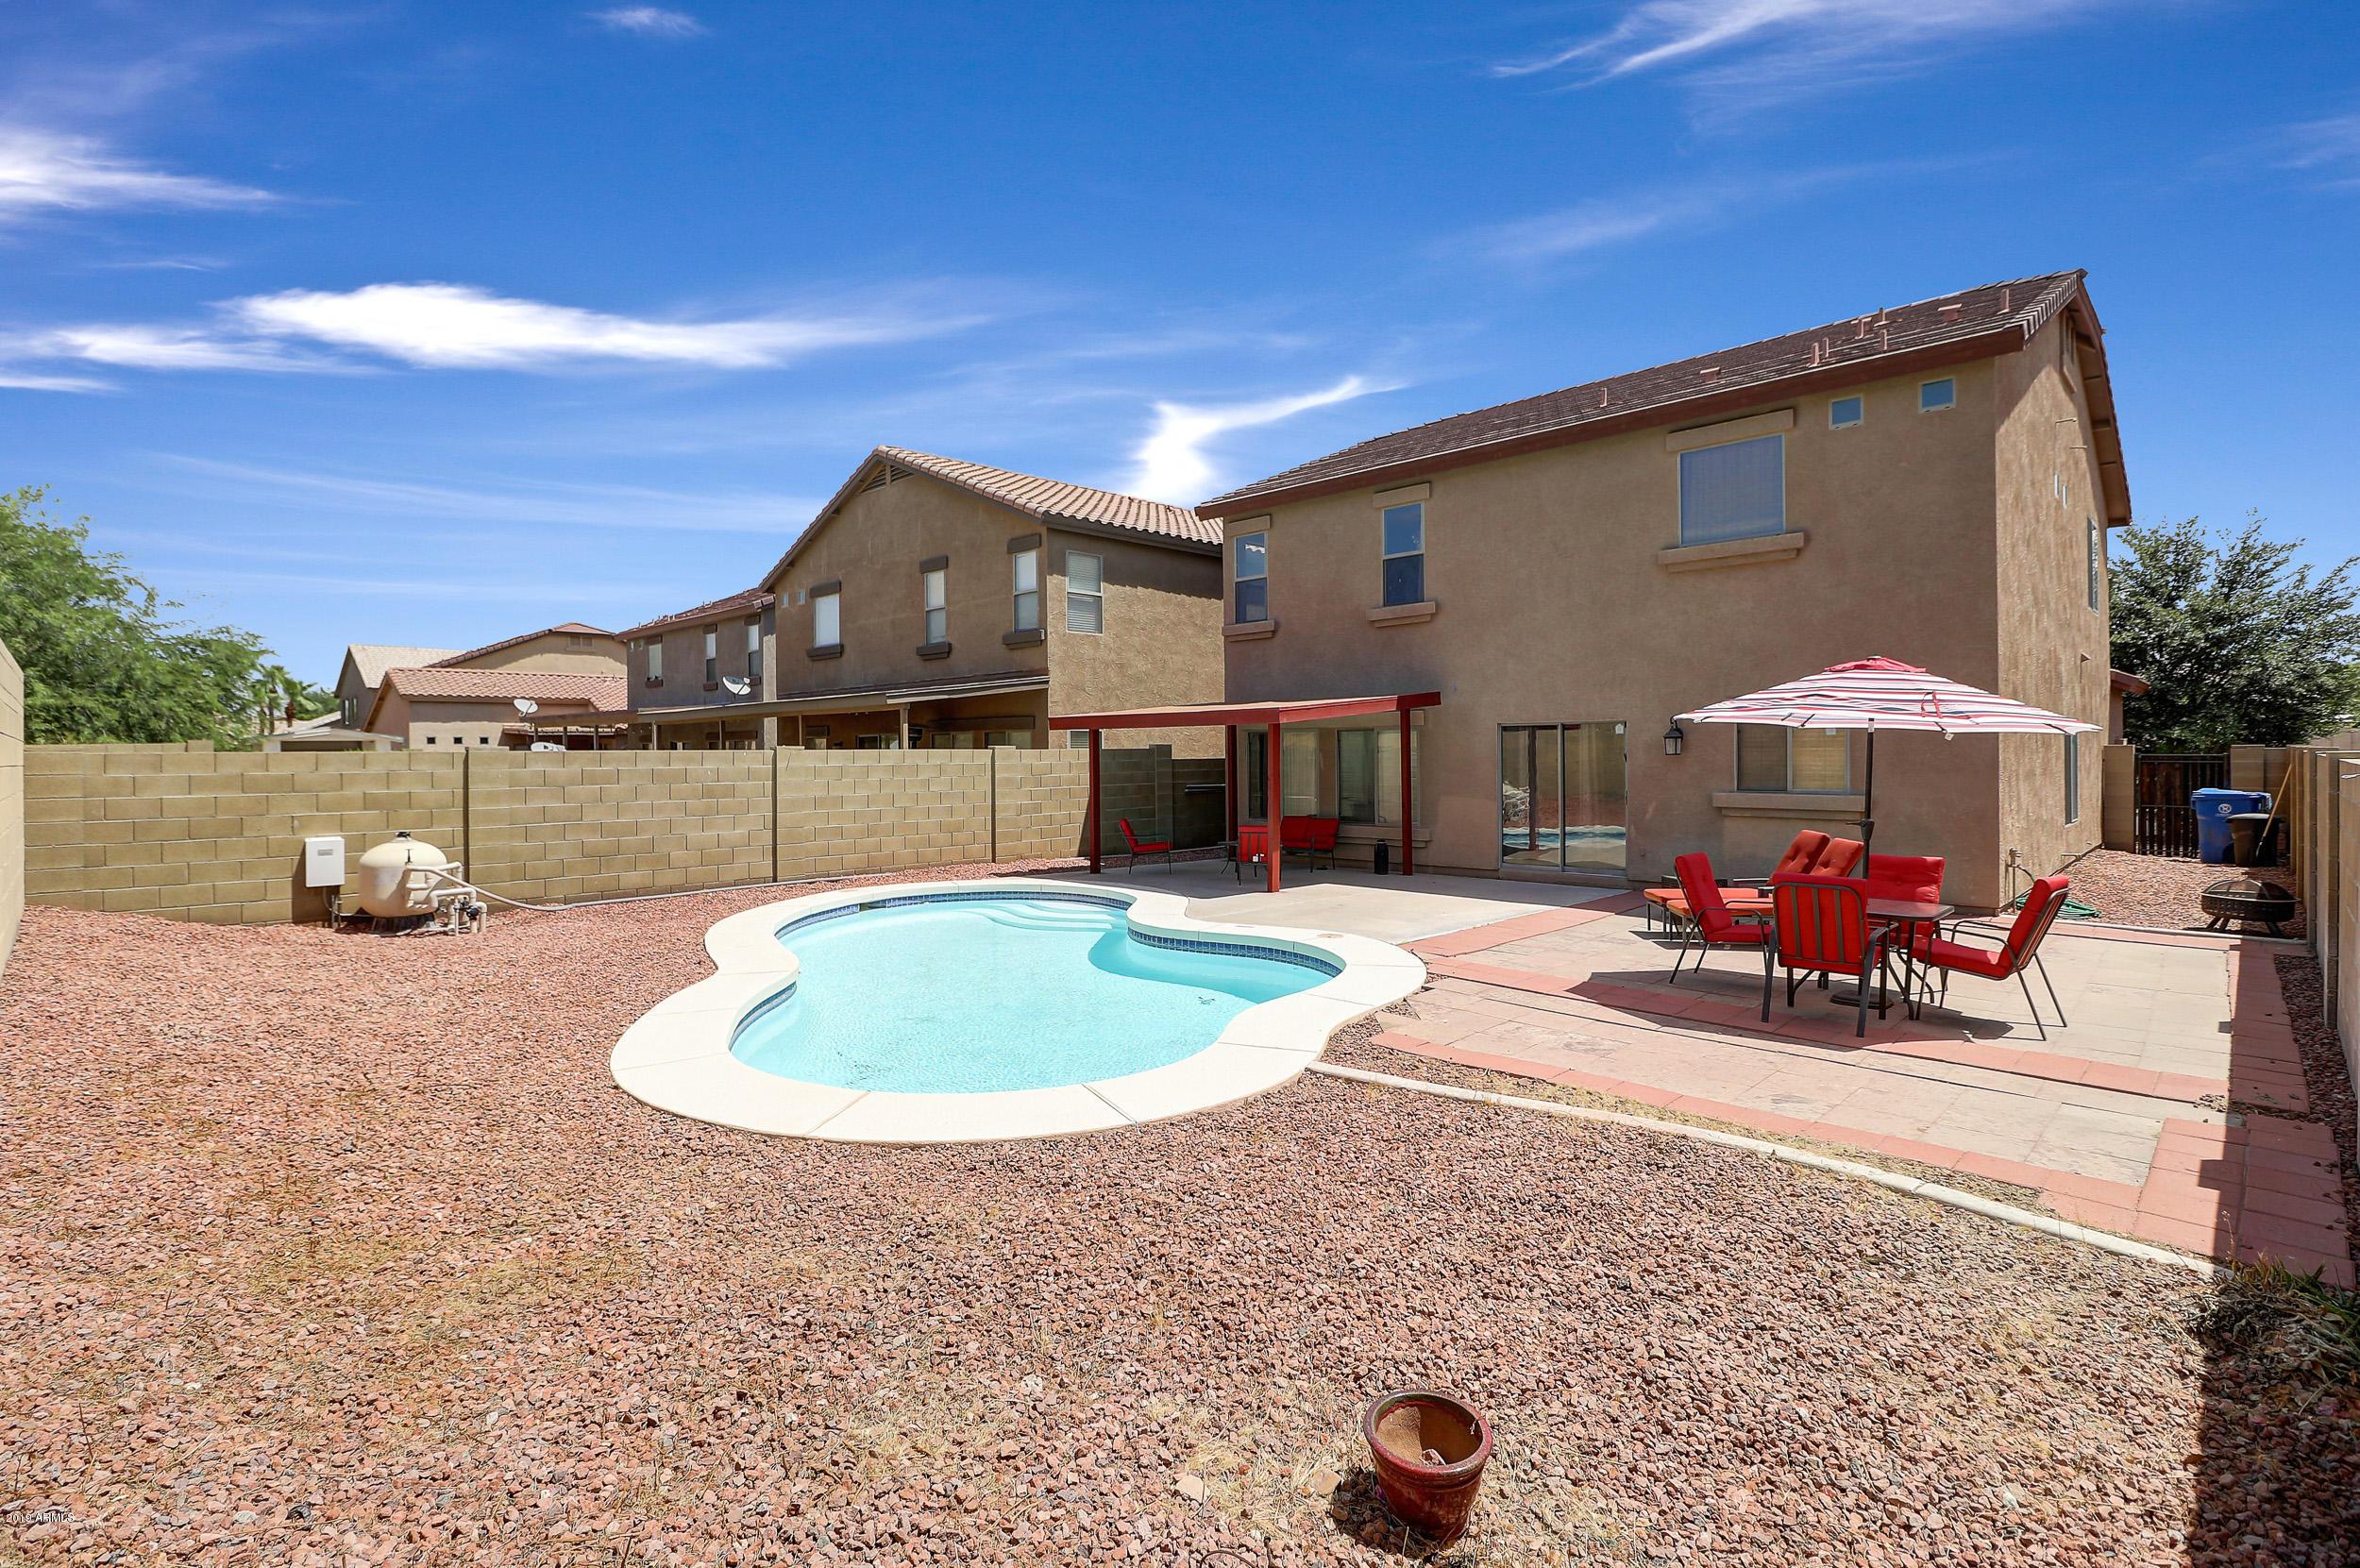 MLS 5962329 1326 S 118TH Drive, Avondale, AZ 85323 Avondale AZ Coldwater Ridge